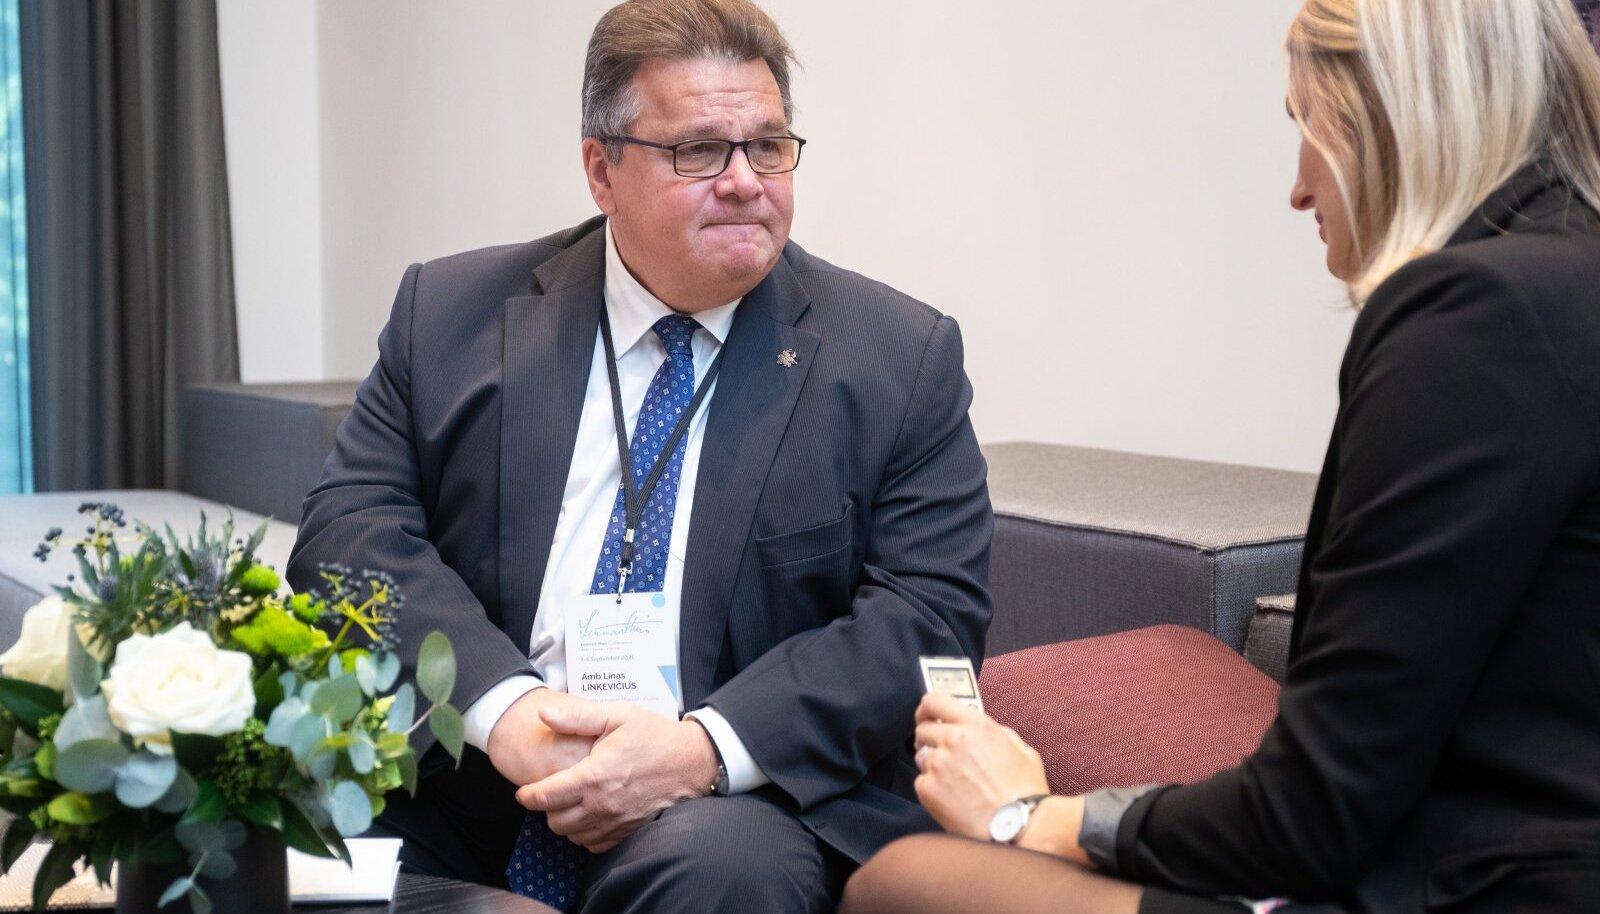 Leedu endine välisminister Linas Linkevičius käis hiljuti Tallinnas Lennart Meri konverentsil, kus oli Valgevene käitumisest palju juttu.